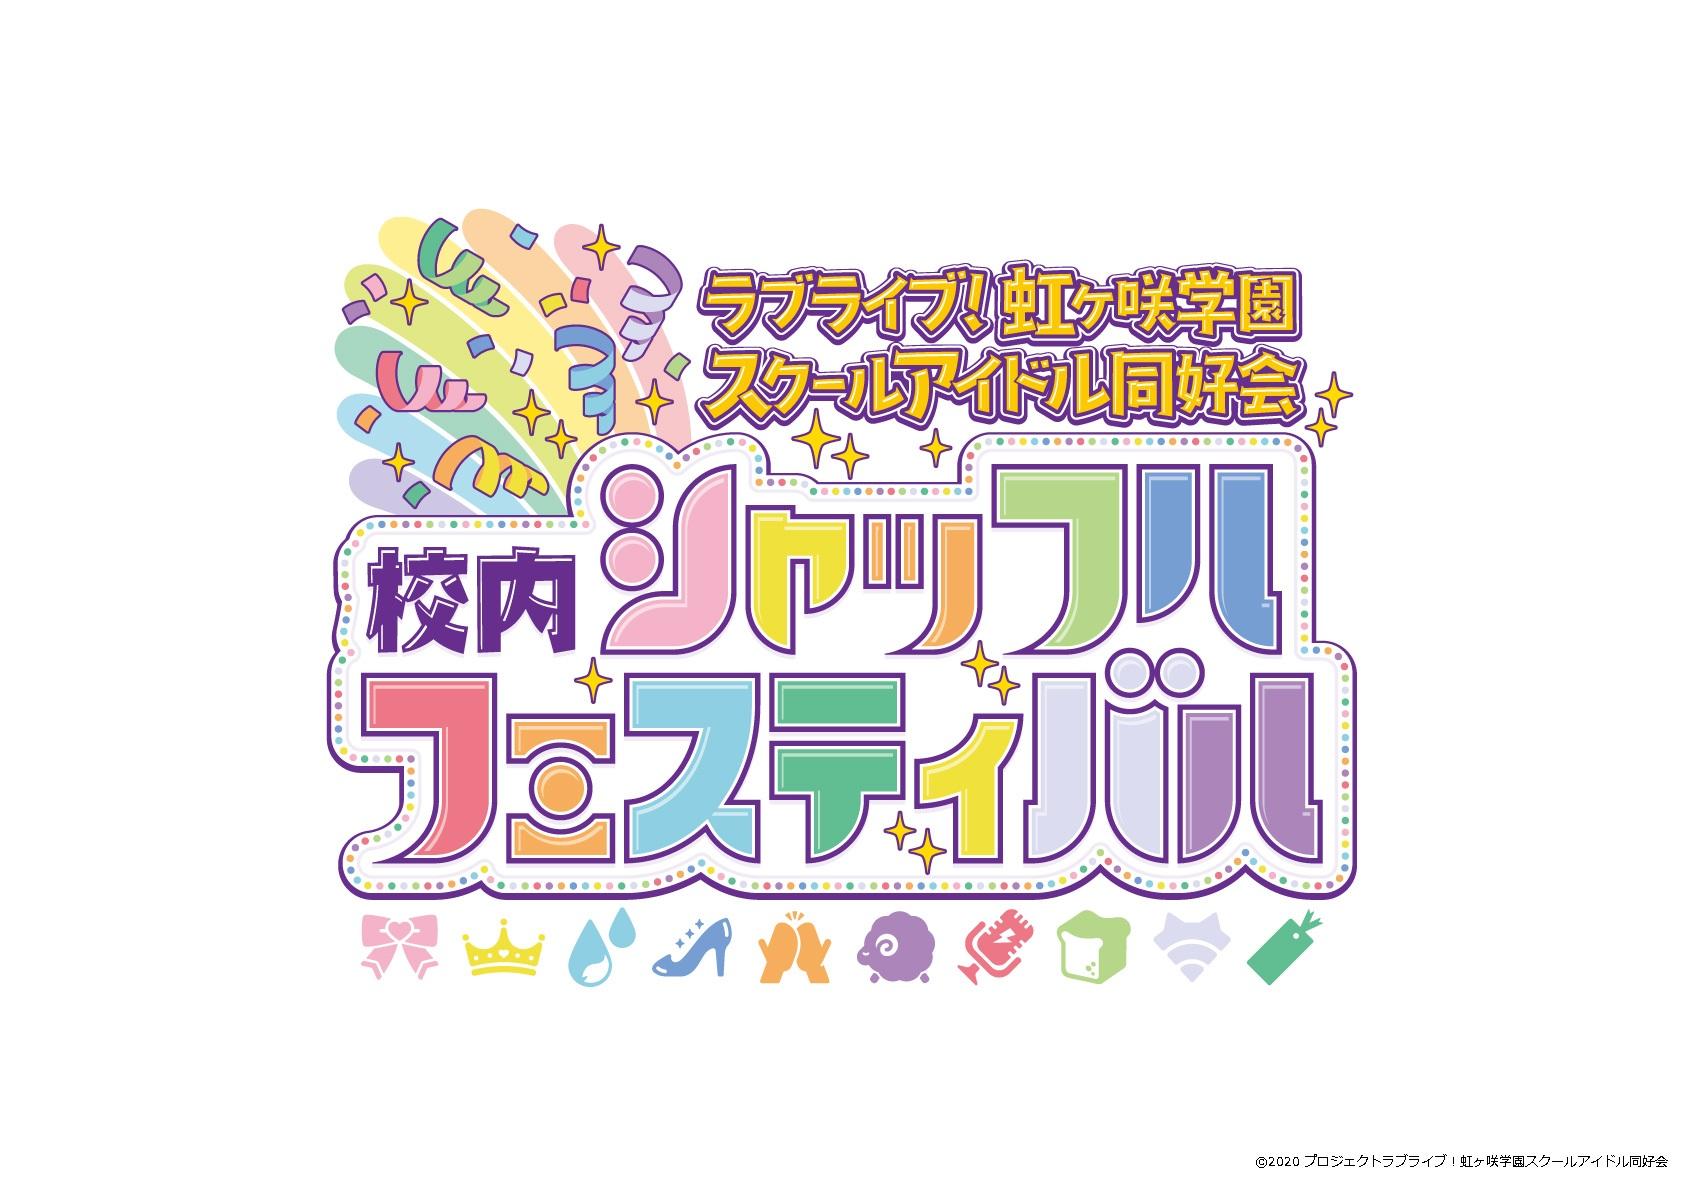 [Streaming+] Love Live!Nijigasaki High School Idol Club Shuffle Festival in School